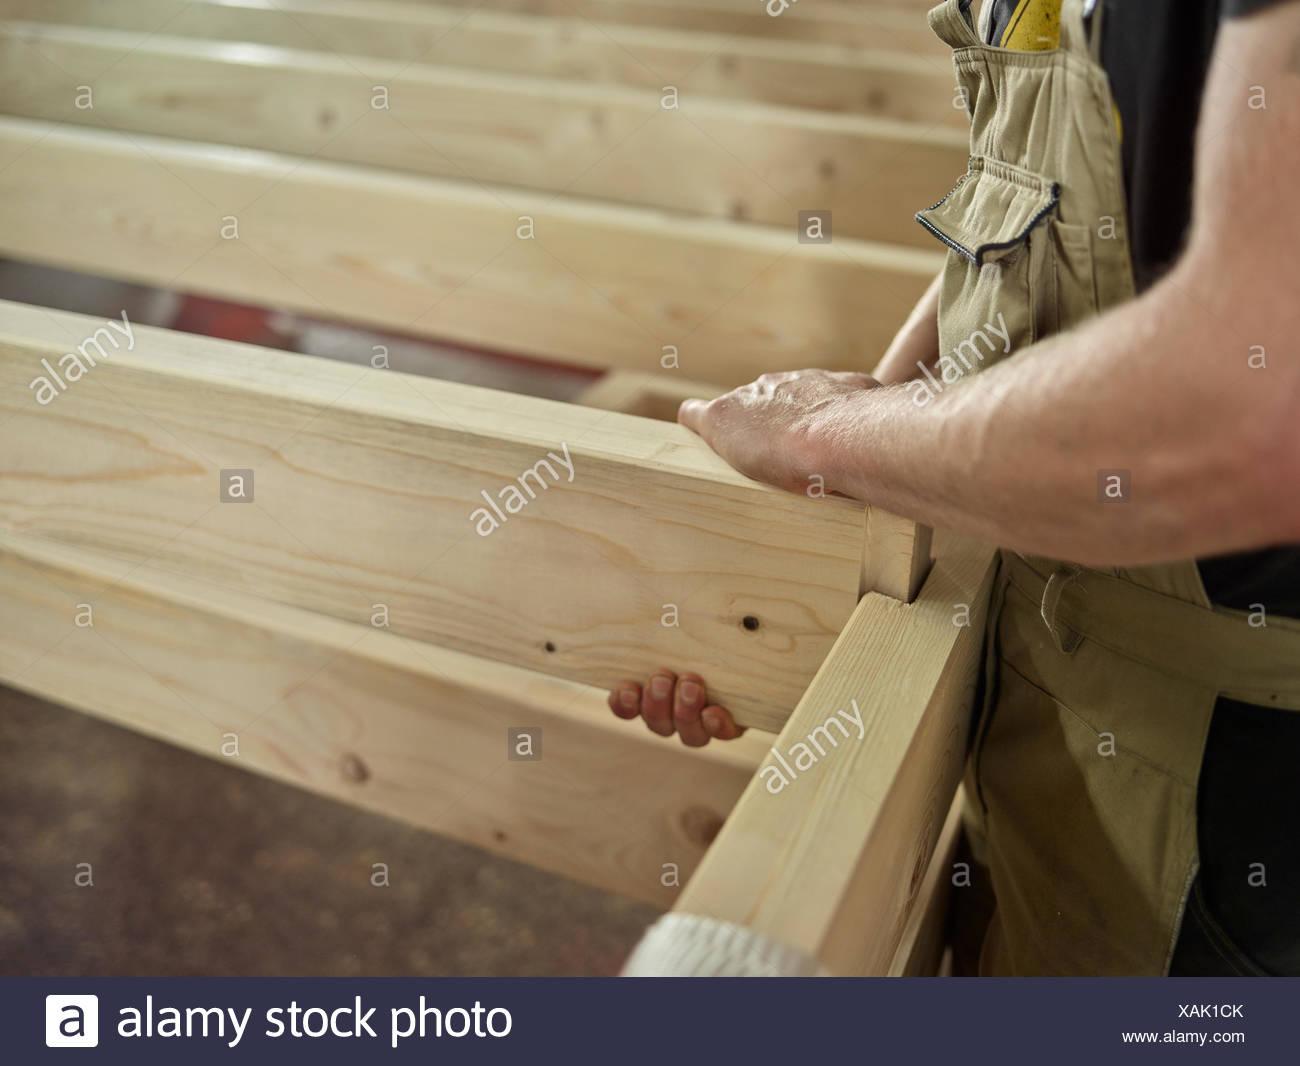 männer die hände verbinden zwei holzbalken mit nut- und